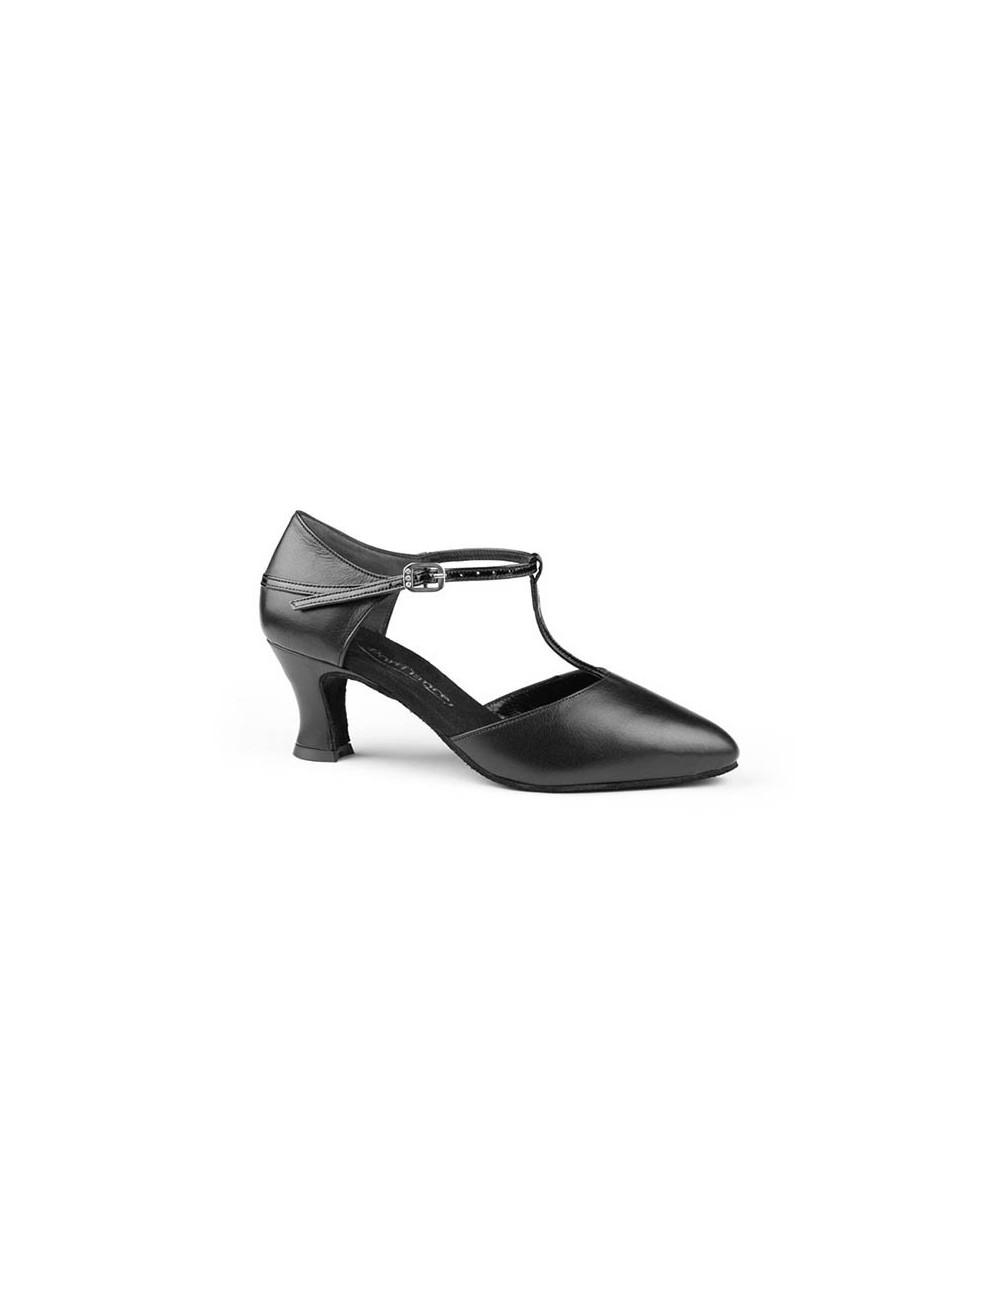 56dda794 Zapatos de baile de salon negro cerrado tira central. Clásico calzado de  señora para bailar Tango u bailes latinos , estos zapatos de baile de tacón  bajito ...